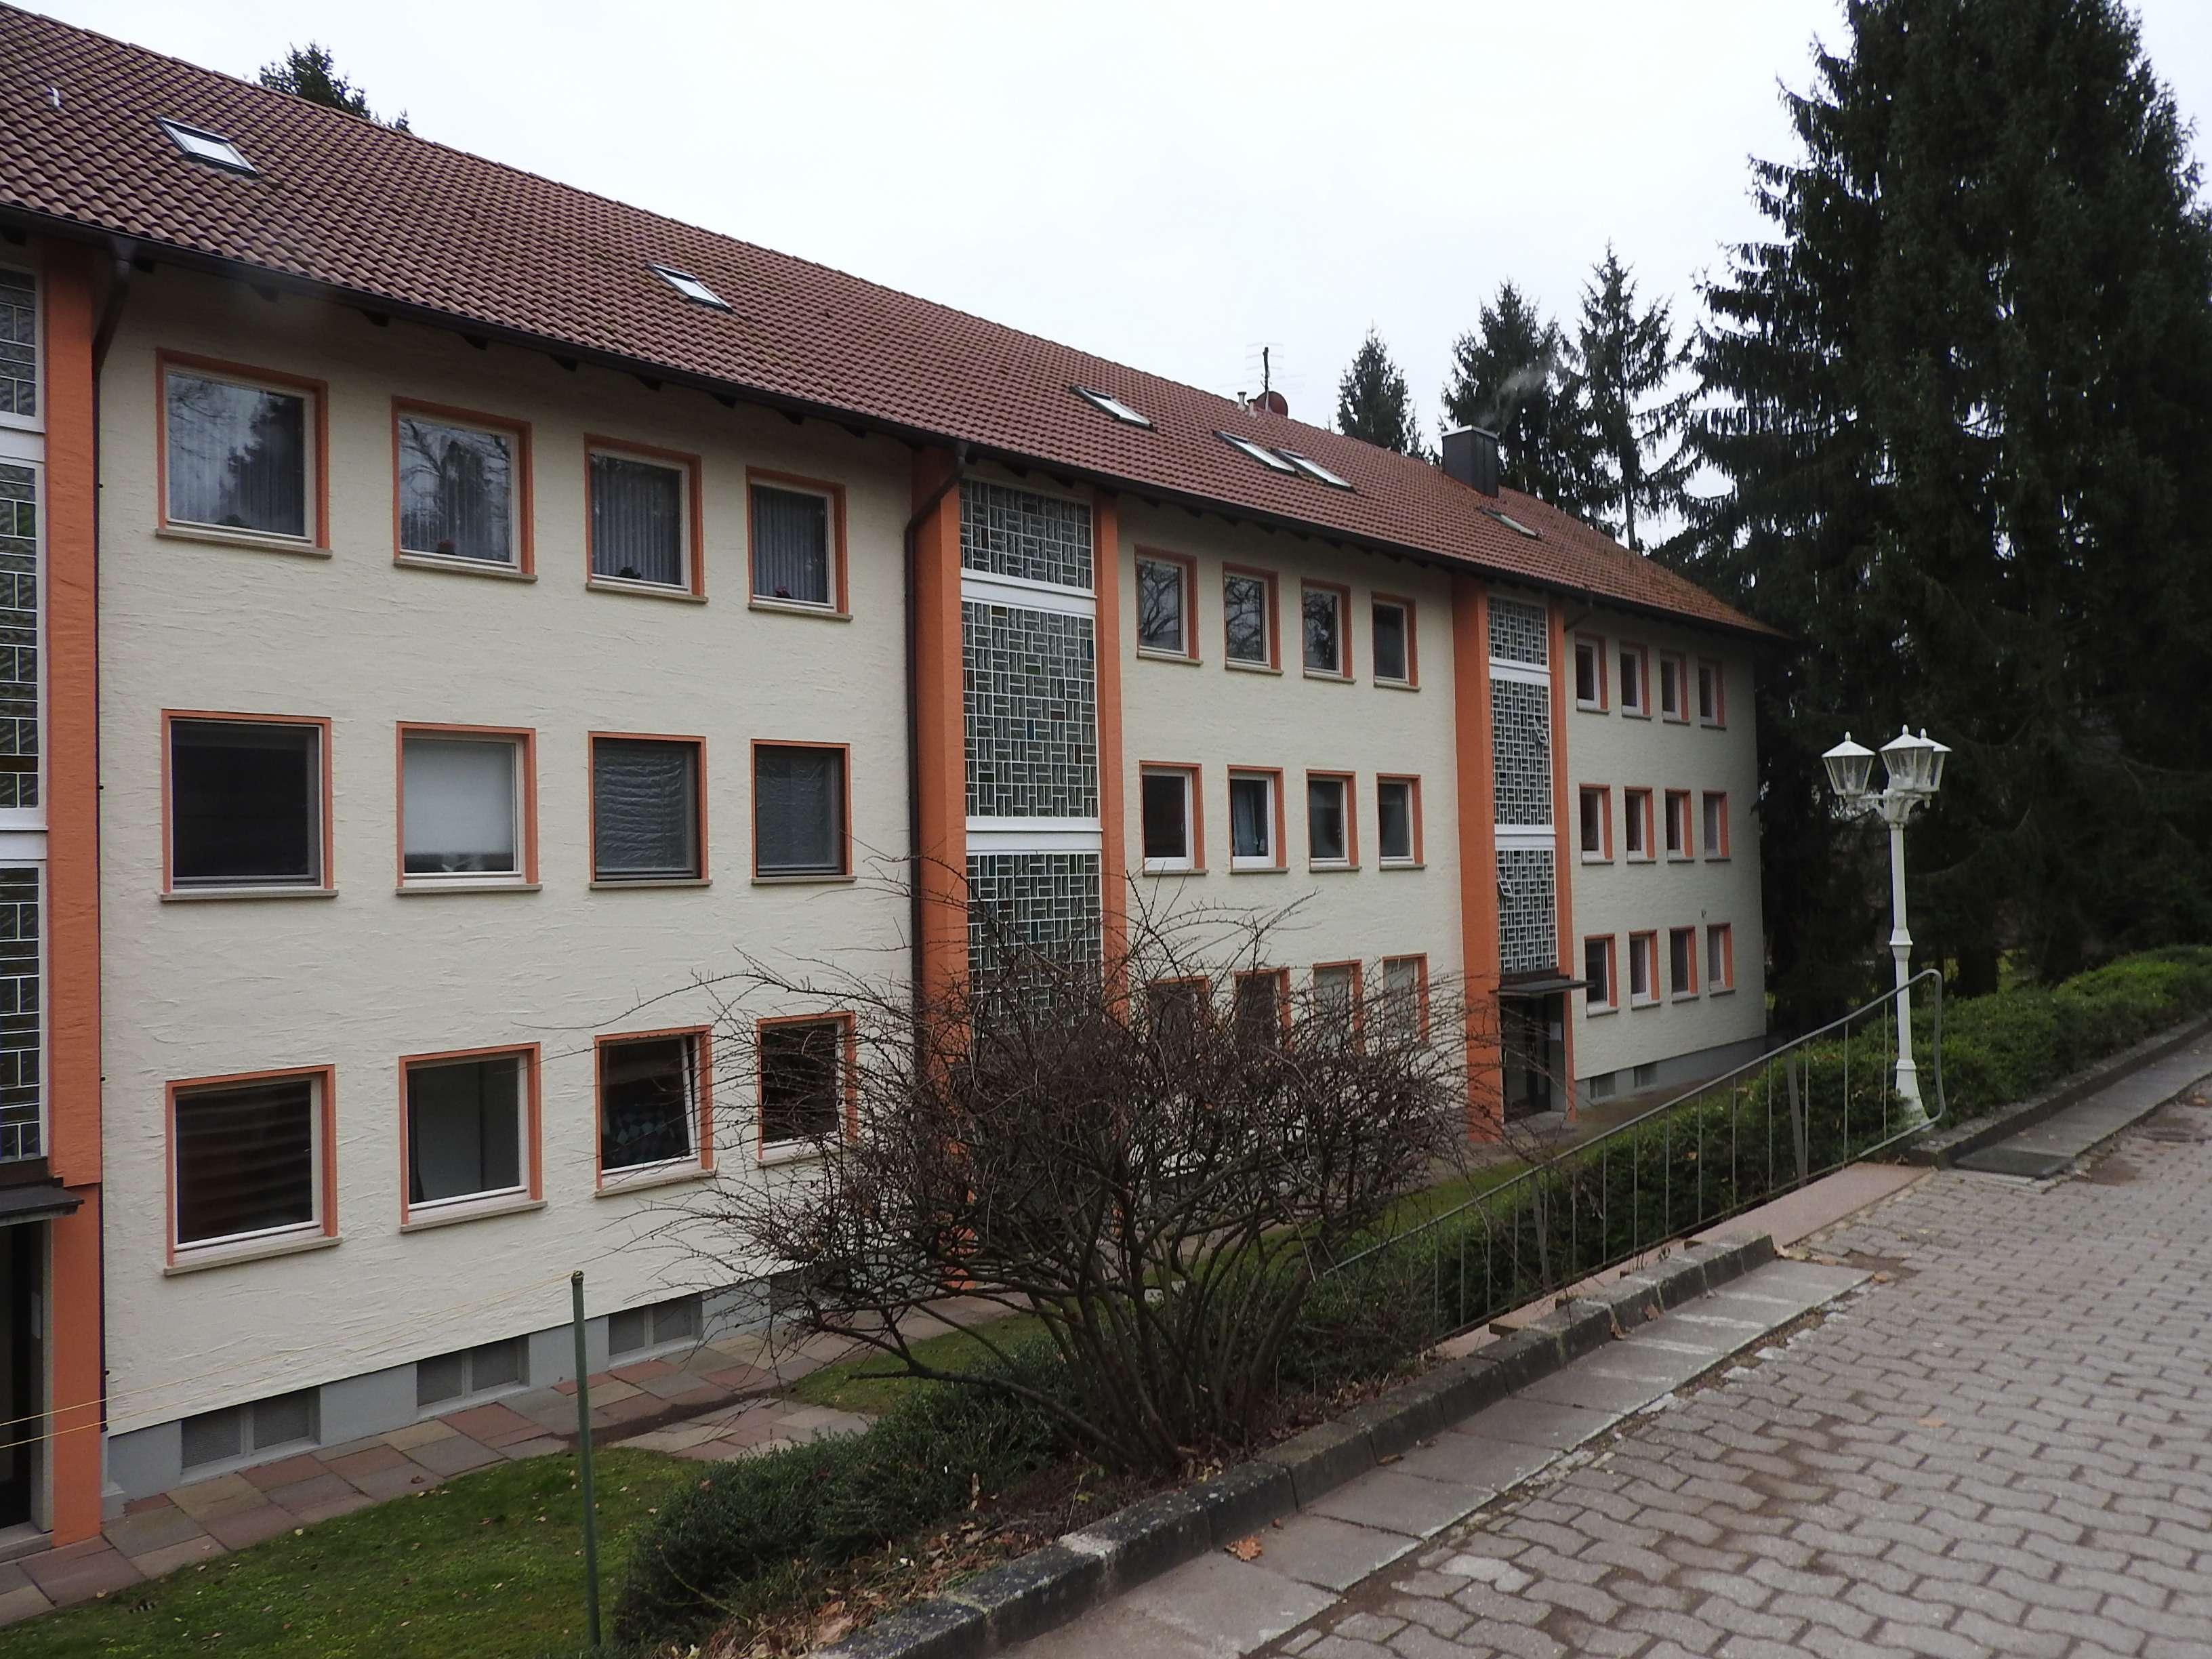 Großzügige 2-Zi-Dachgeschoss-Whg ohne Balkon Fürth/Vach in